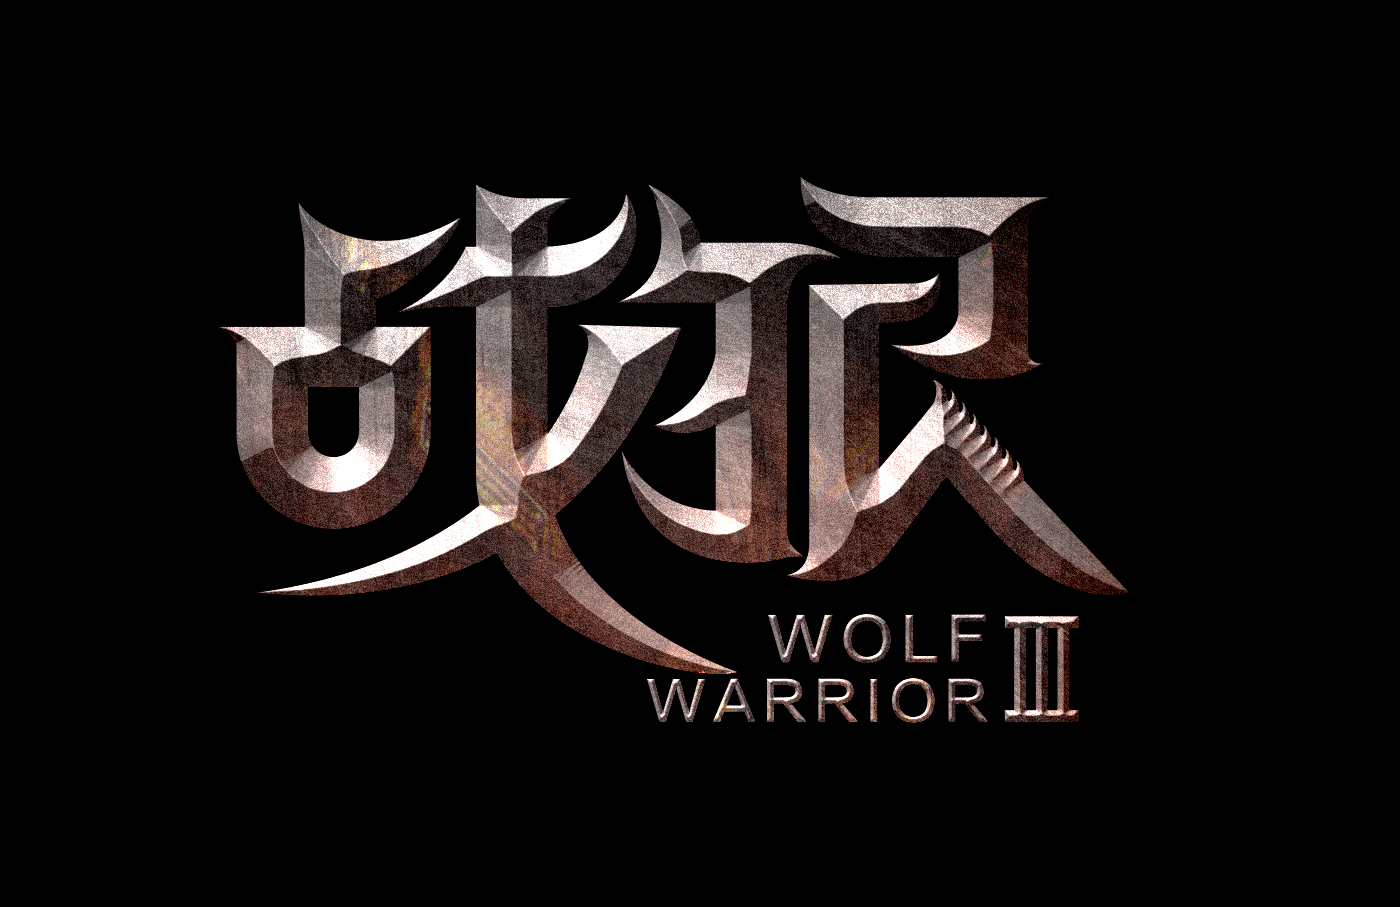 《战狼3》海报字体设计